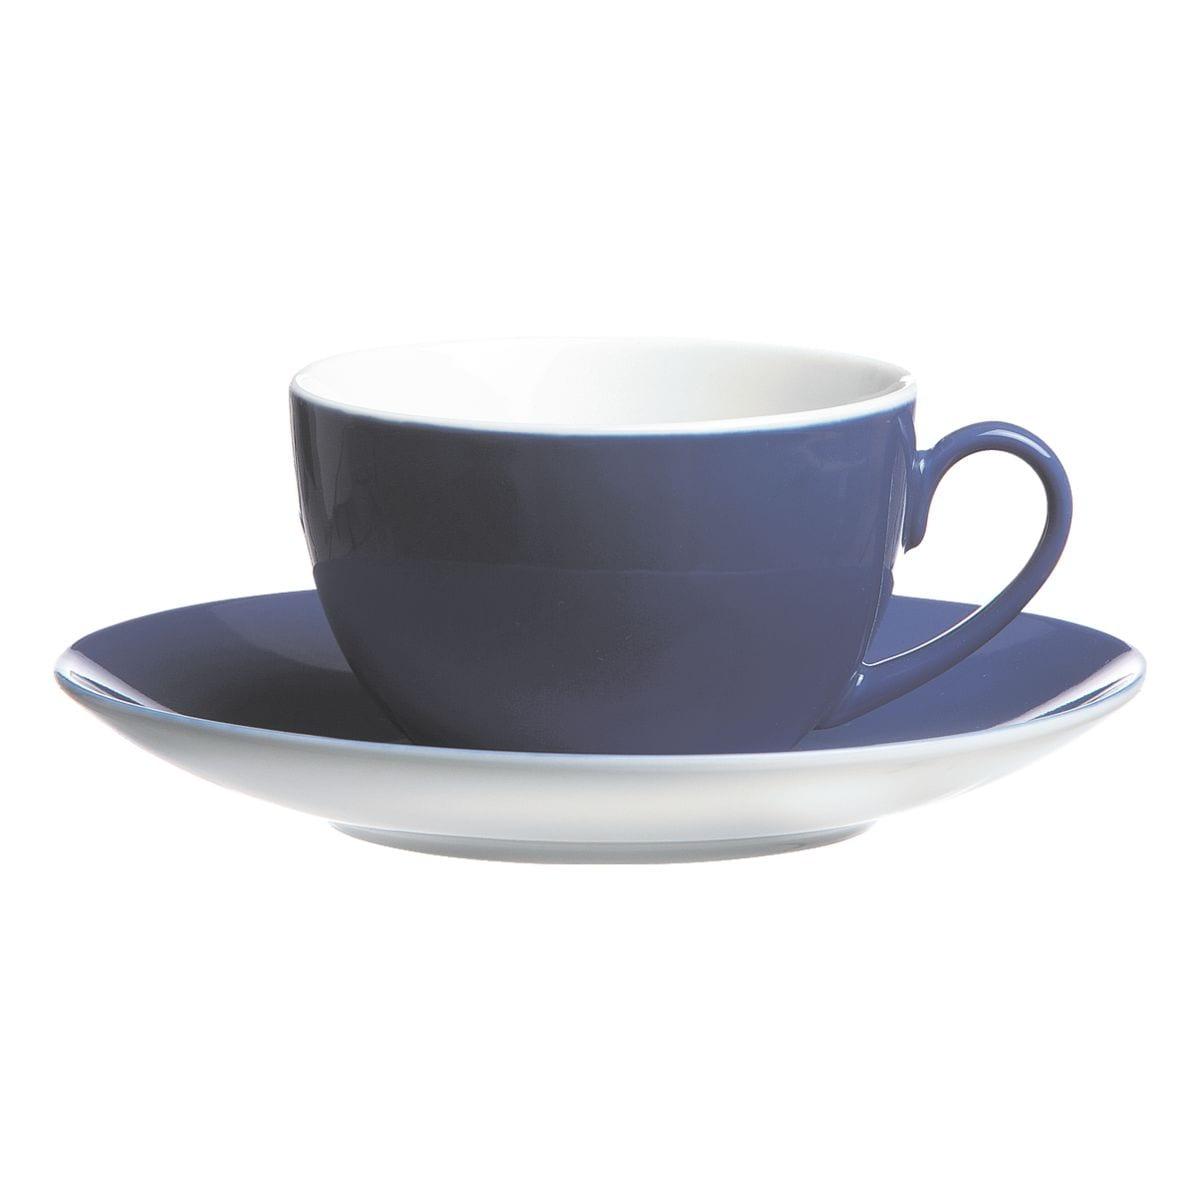 Ritzenhoff & Breker 4-teiliges Kaffeetassen-Set »Doppio«, inkl. Untertassen